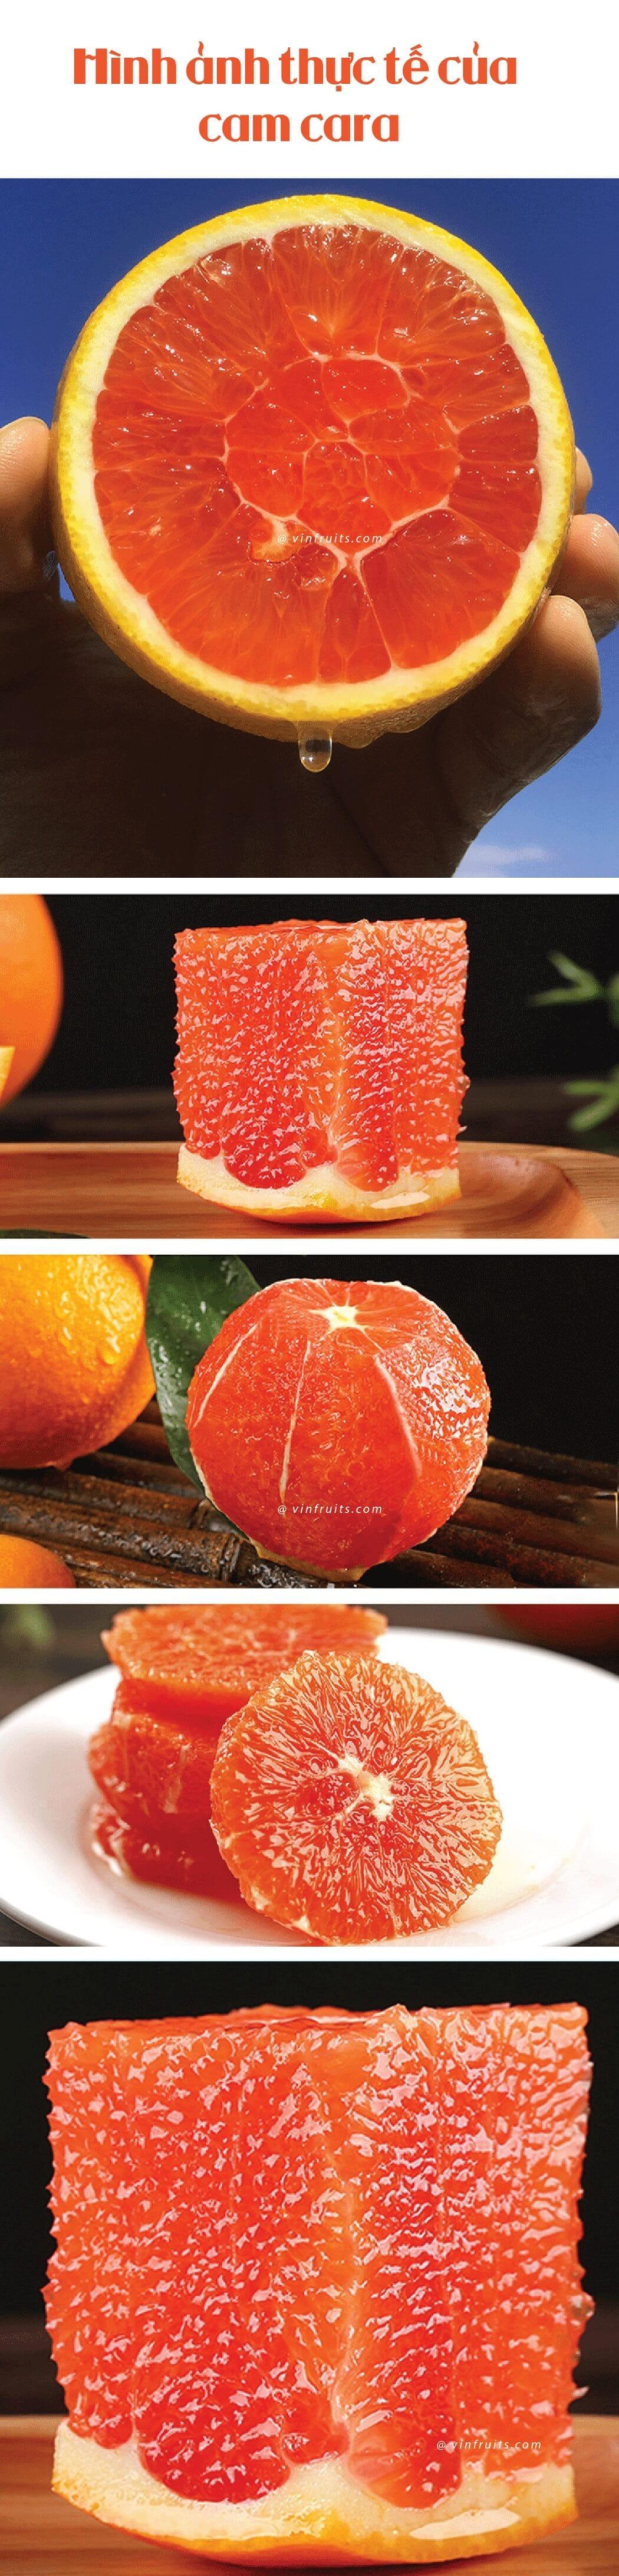 Cam ruot do Cara Uc - vinfruits.com 3